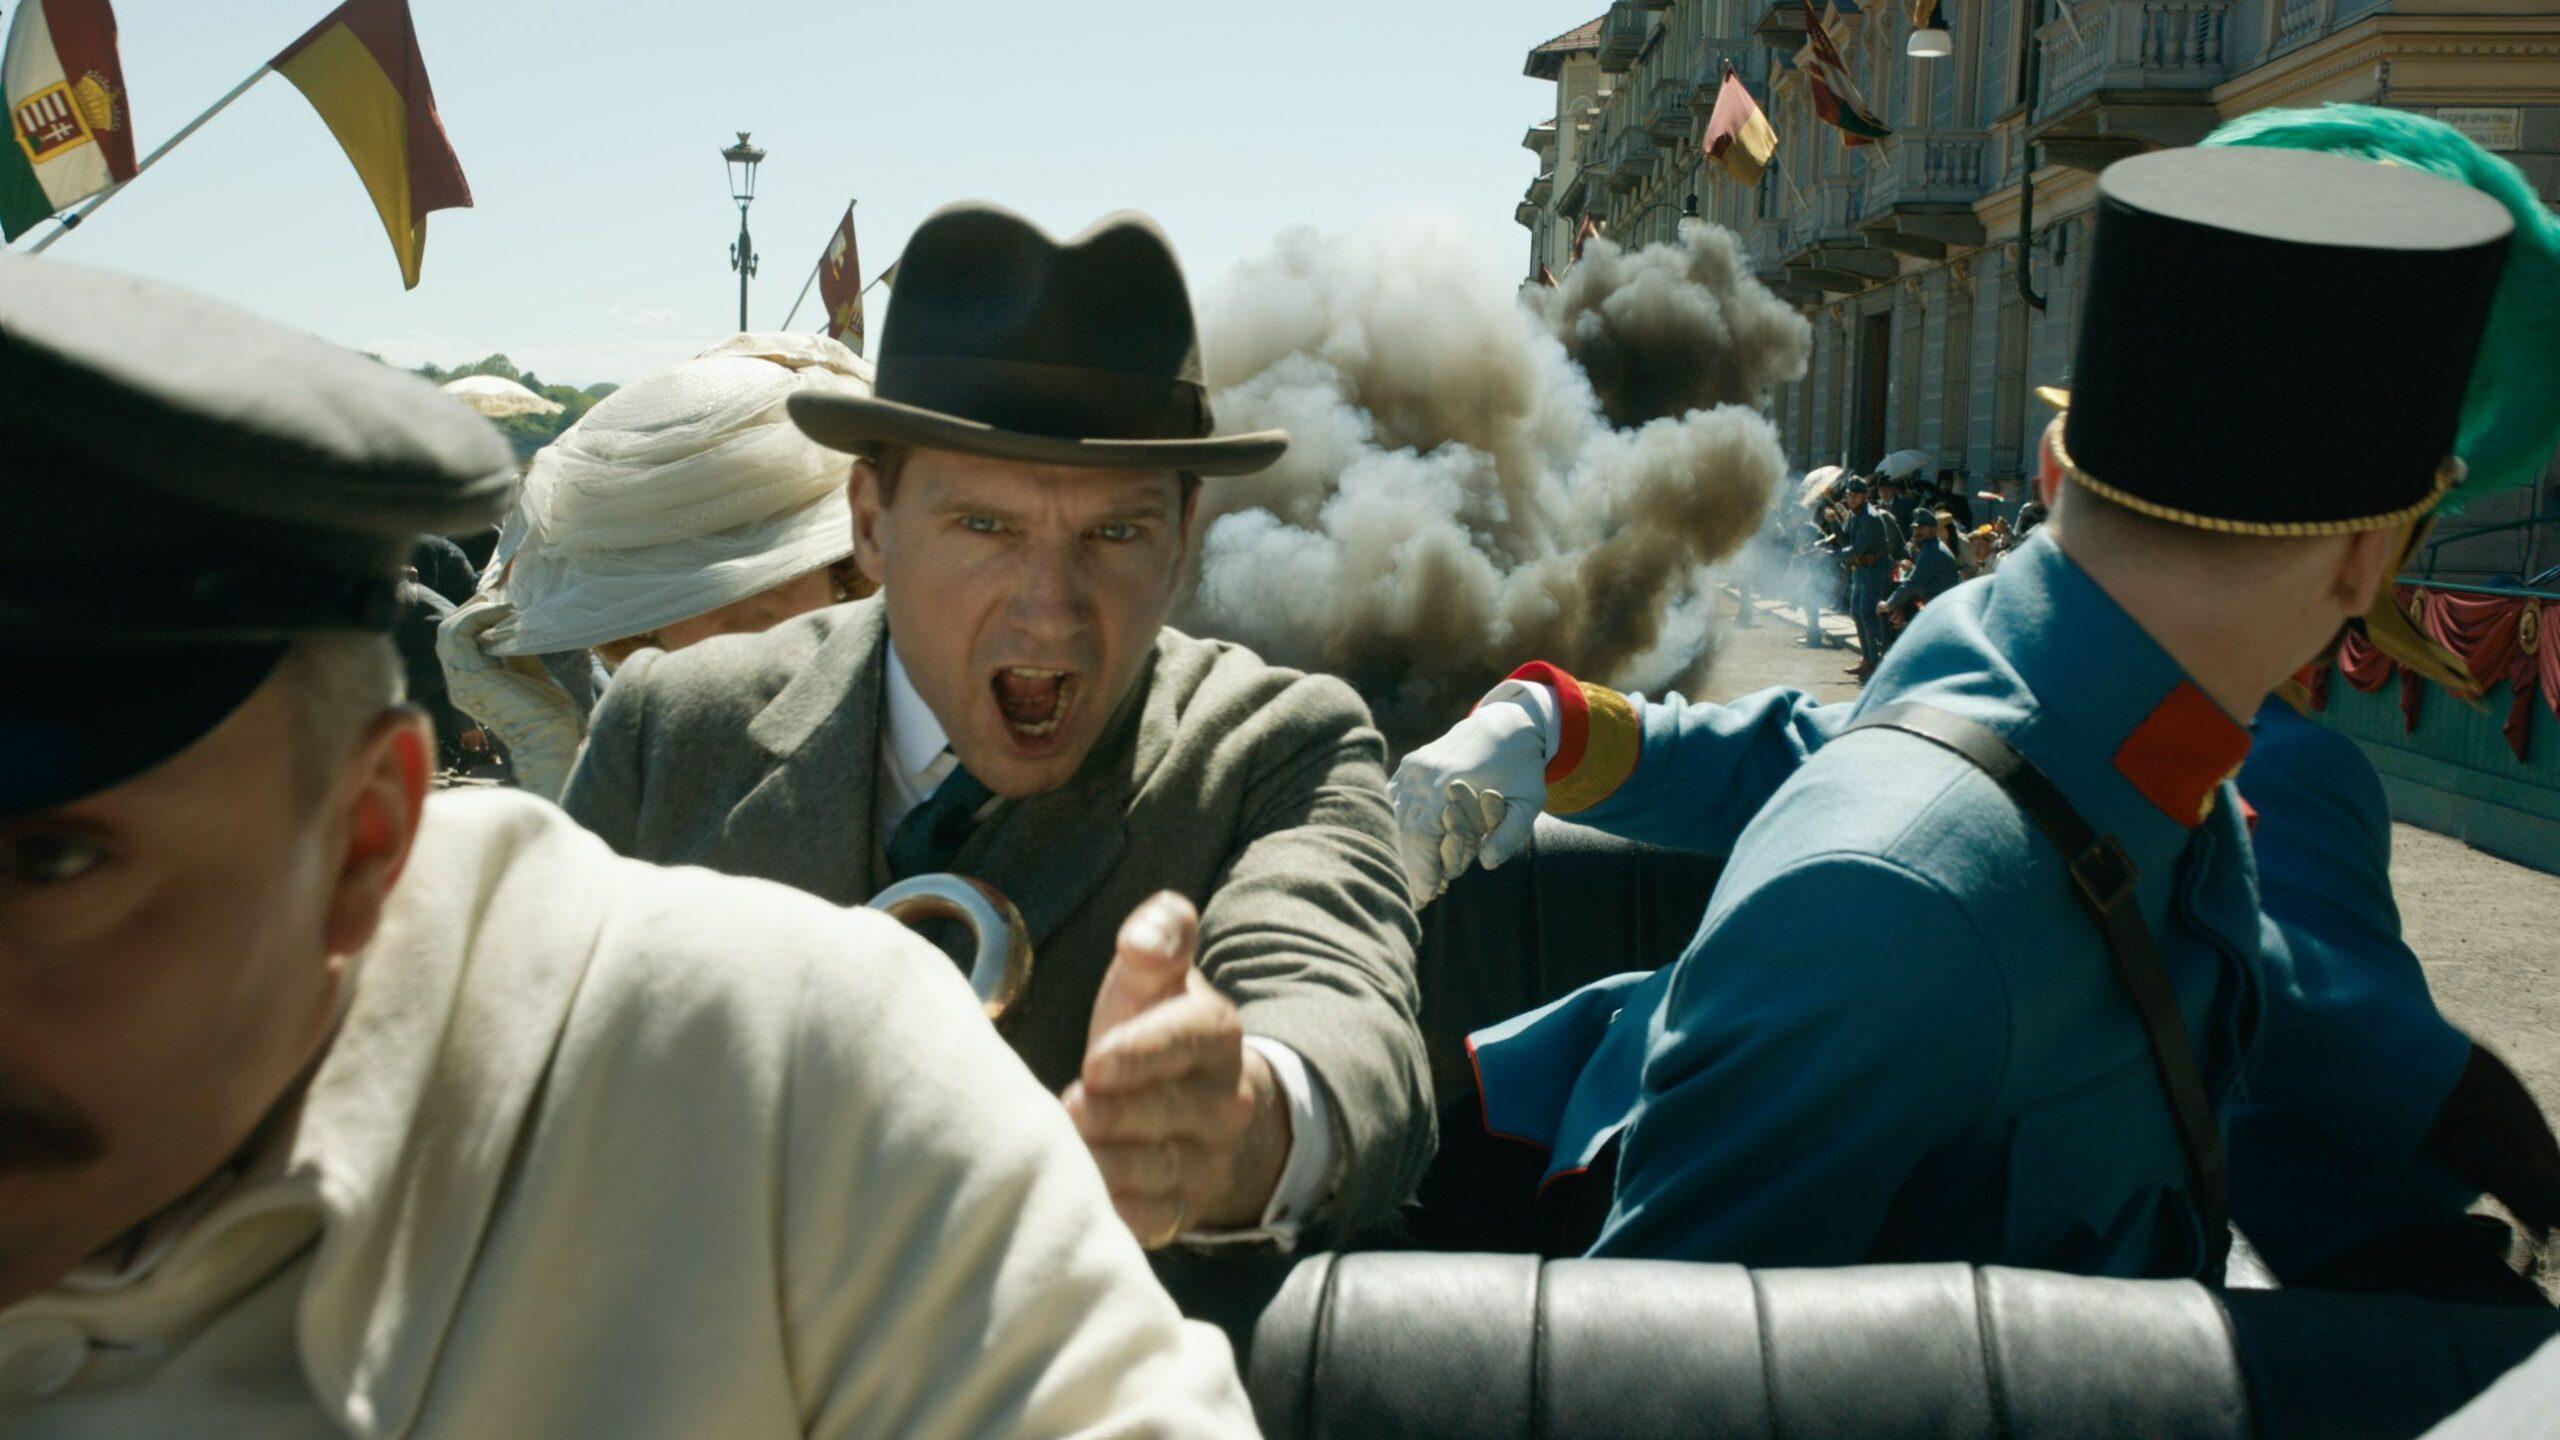 The King's Man – Le Origini al cinema dal 17 settembre